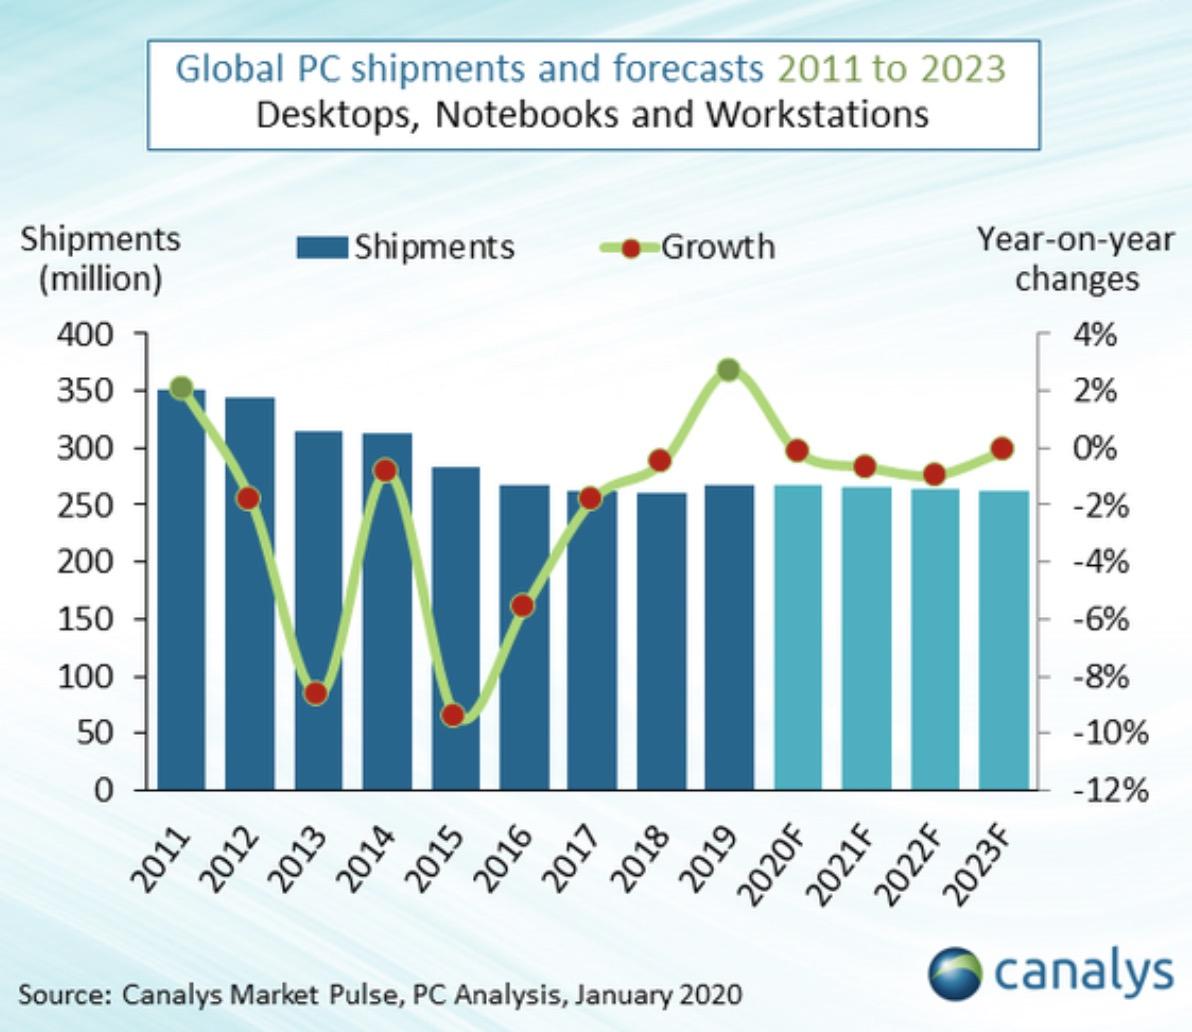 处于最前沿|个人电脑市场终于在2019年增长联想惠普和戴尔占据了总市场的65%